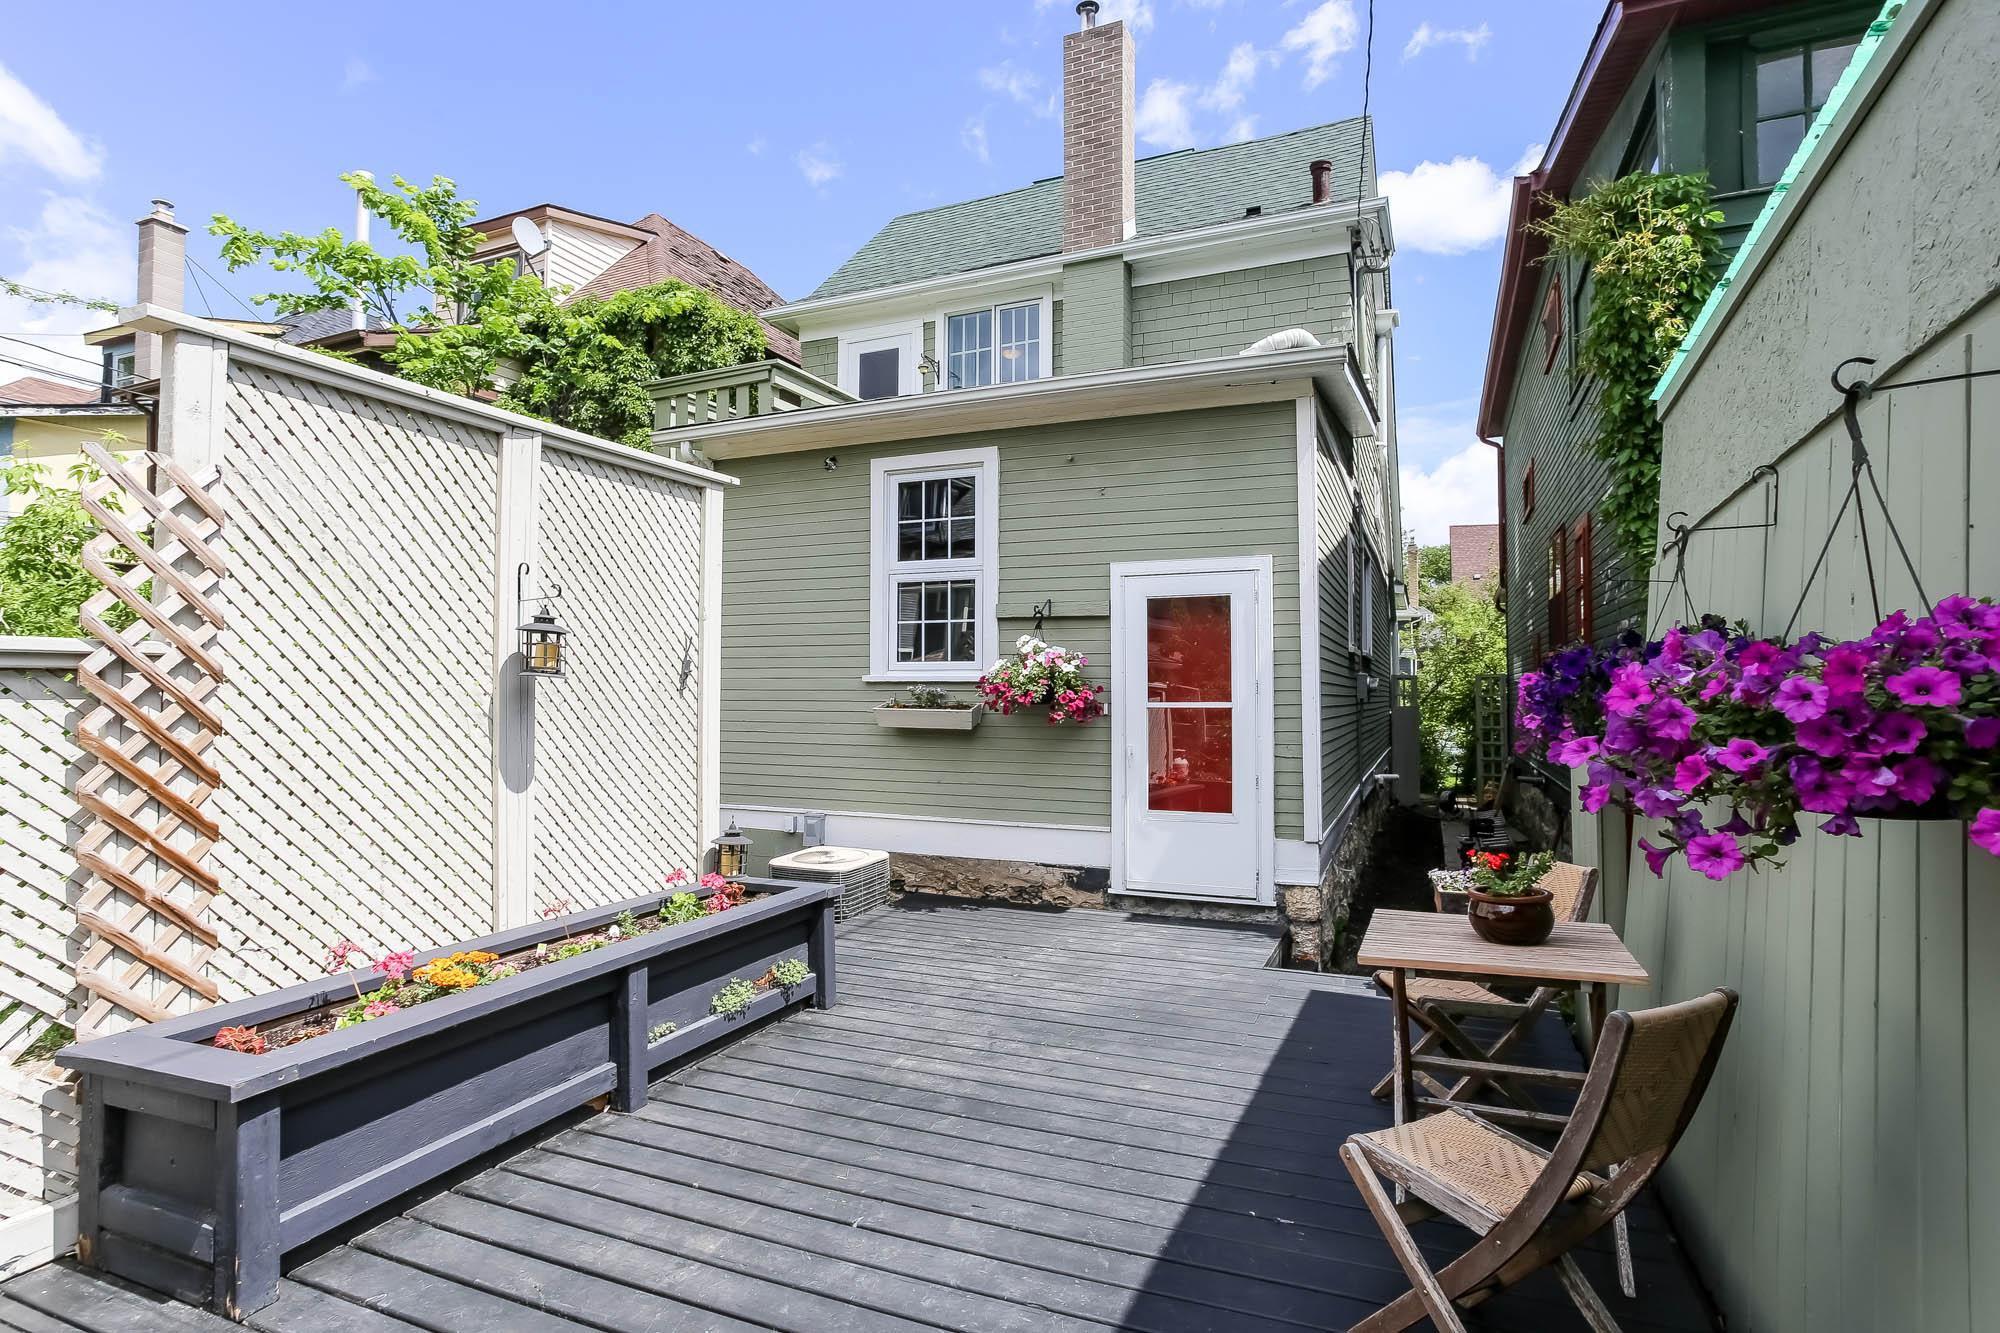 Photo 39: Photos: 108 LENORE Street in Winnipeg: Wolseley Single Family Detached for sale (5B)  : MLS®# 202013079